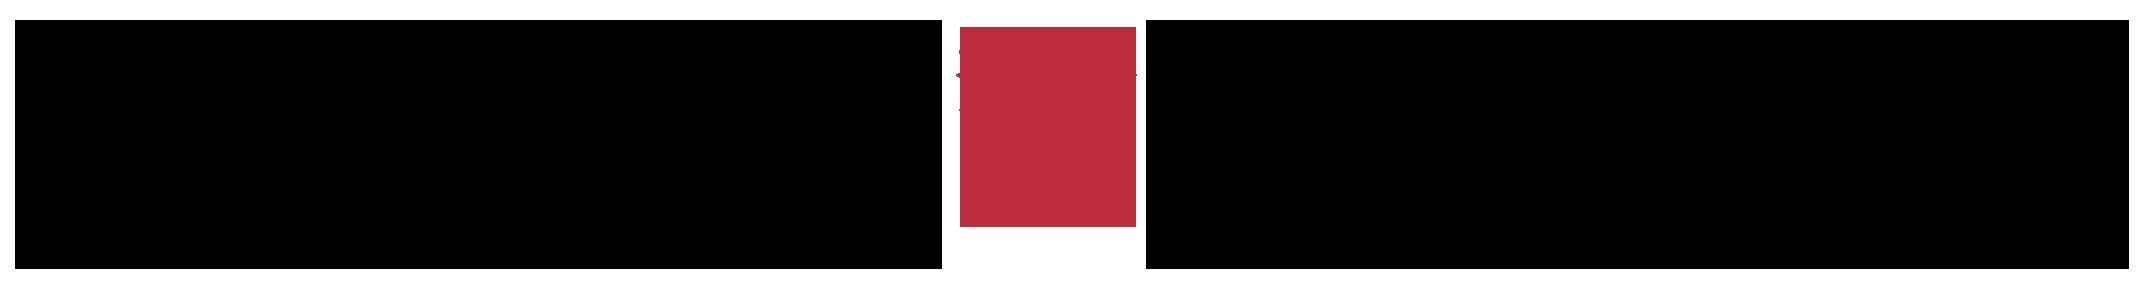 Märkische Allgemeine logo 201